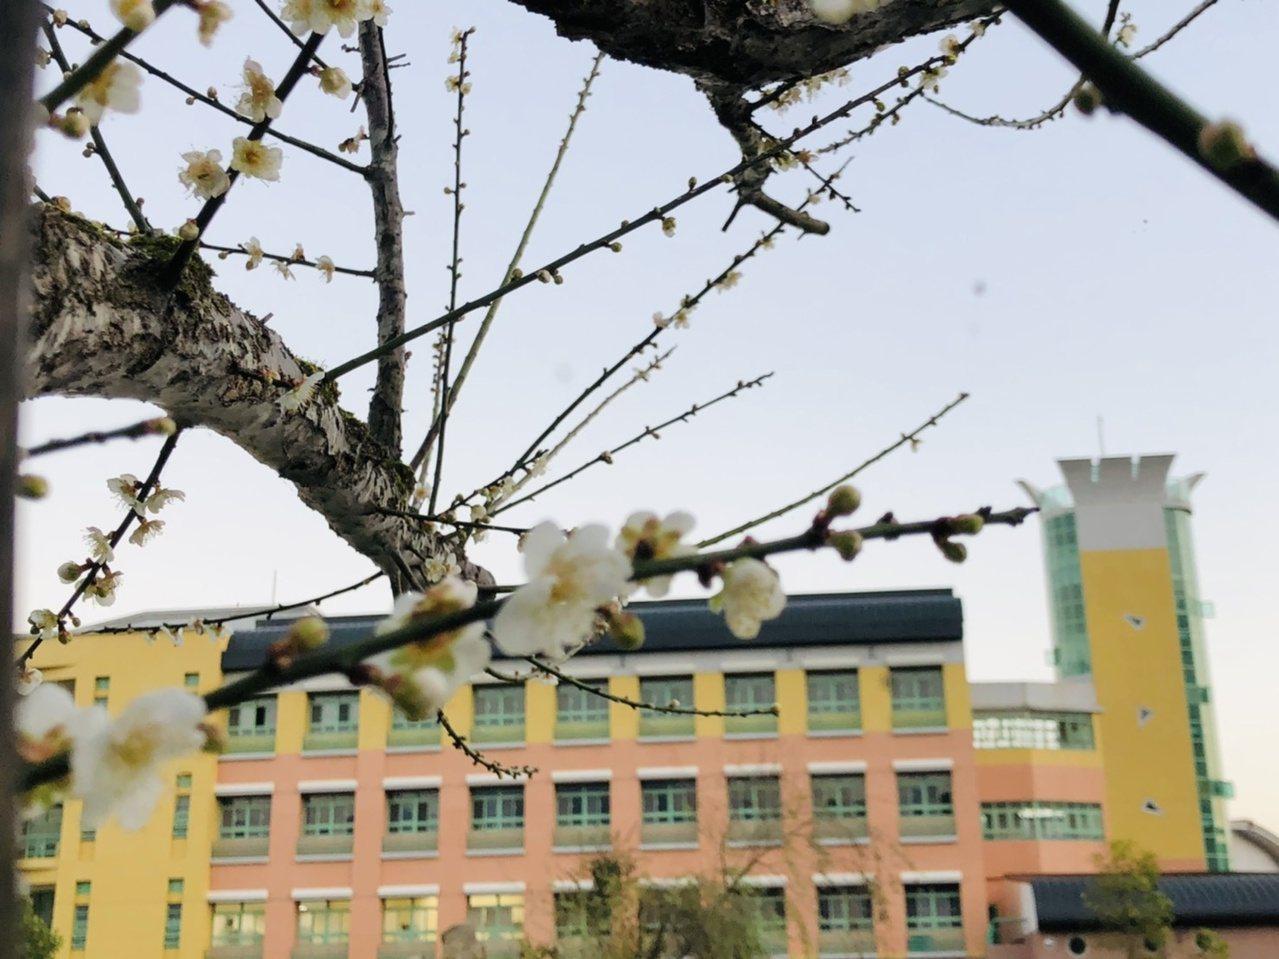 花蓮東華大學的梅花與遠方藝術學院新建大樓相互輝映,顯現如夢似畫場景。 圖/東華大...